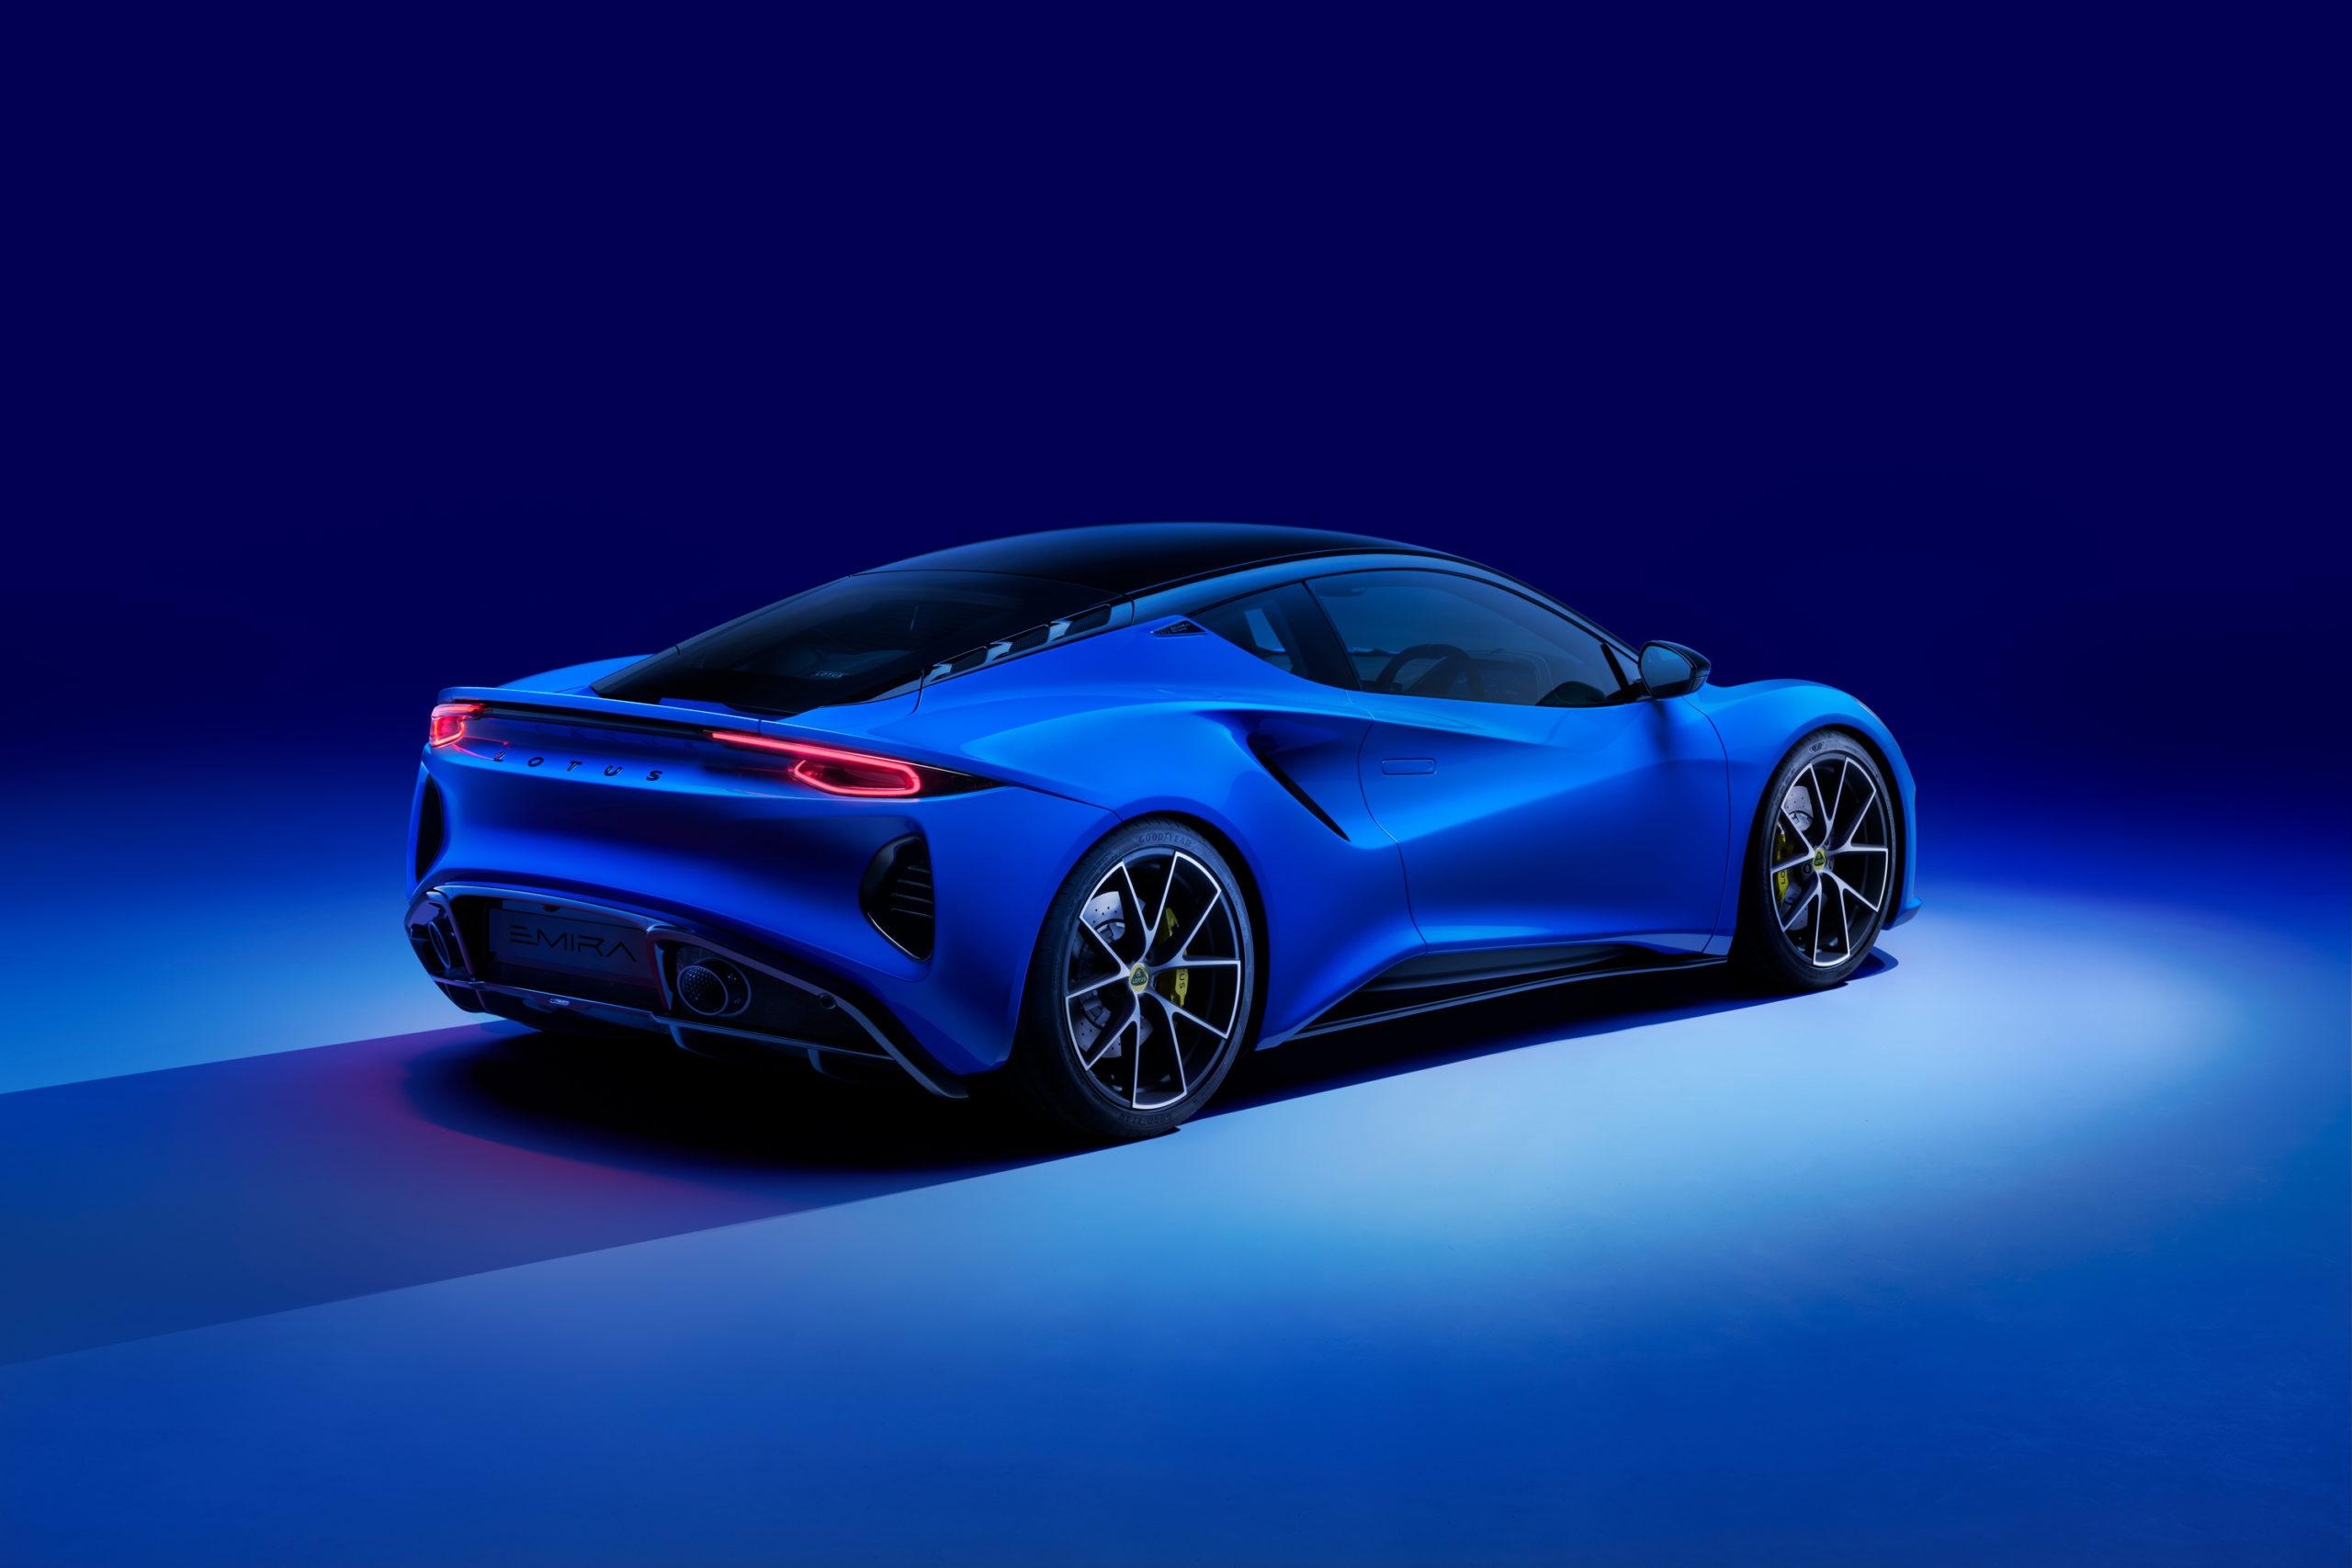 2022 Lotus Emira Rear